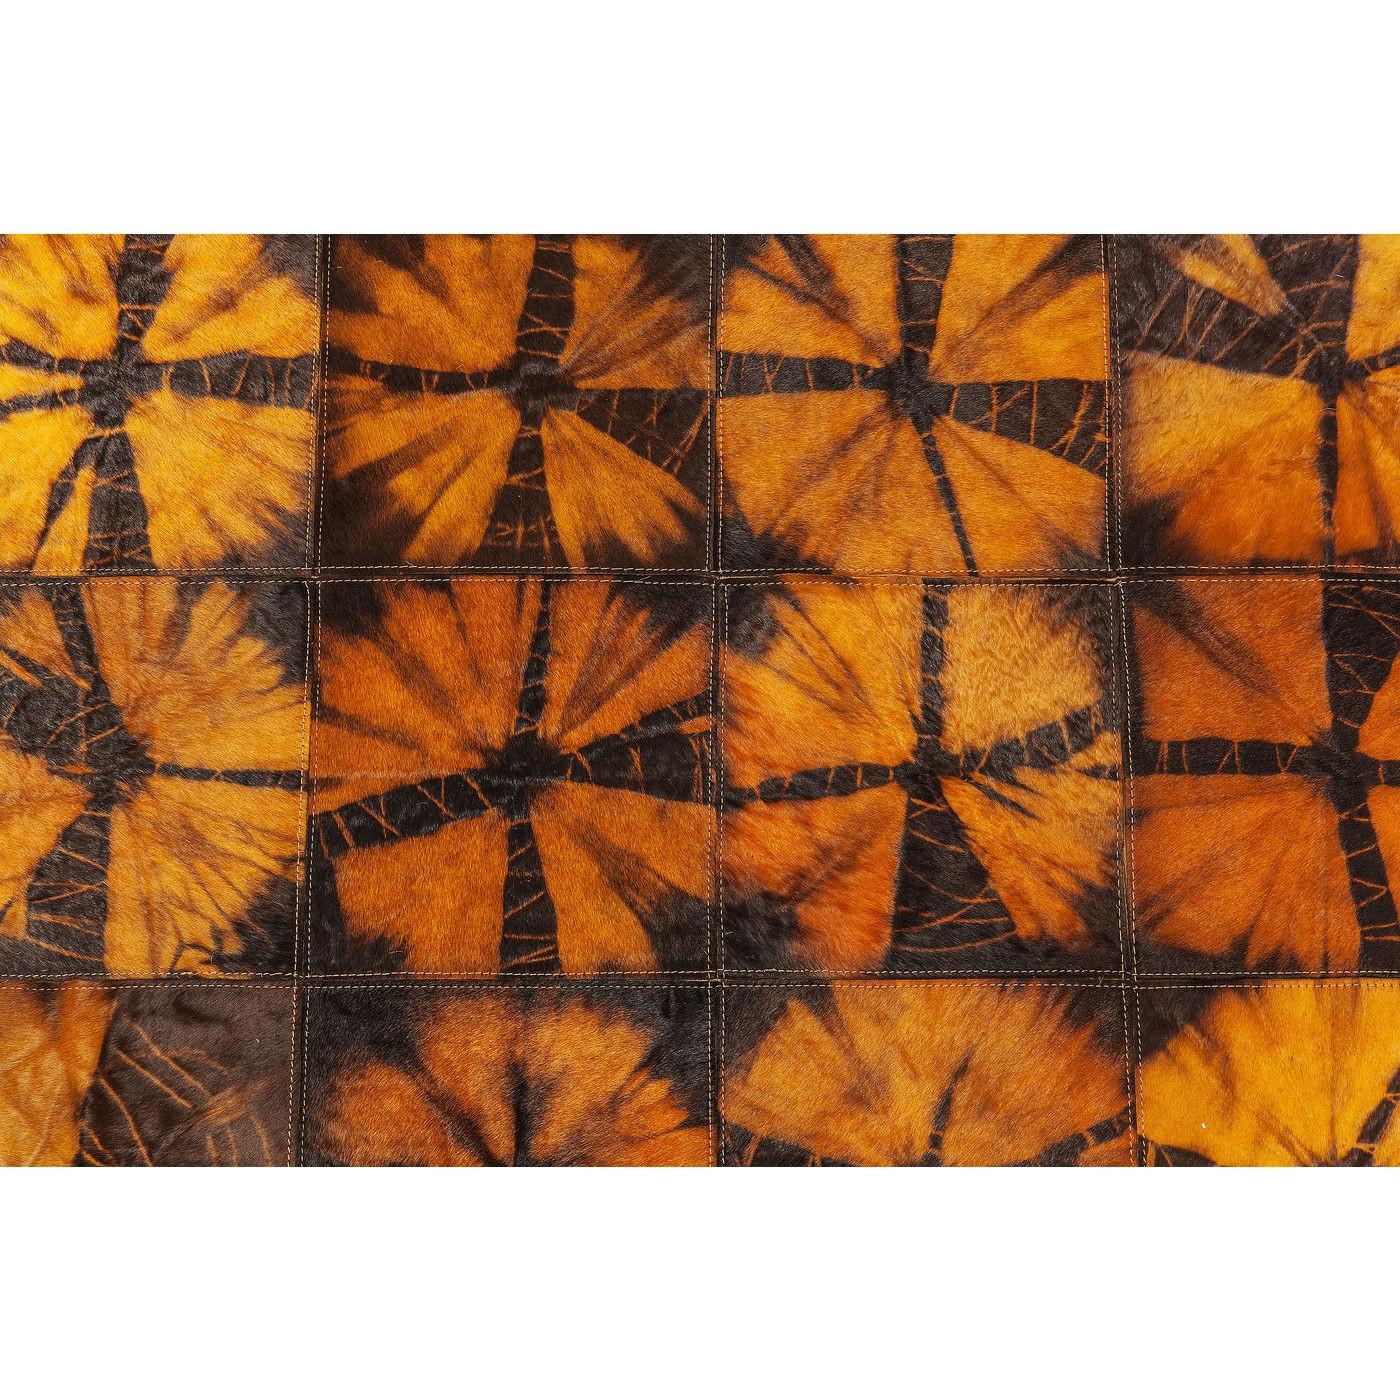 Billede af Tæppe Batik Orange 240 x 170 cm